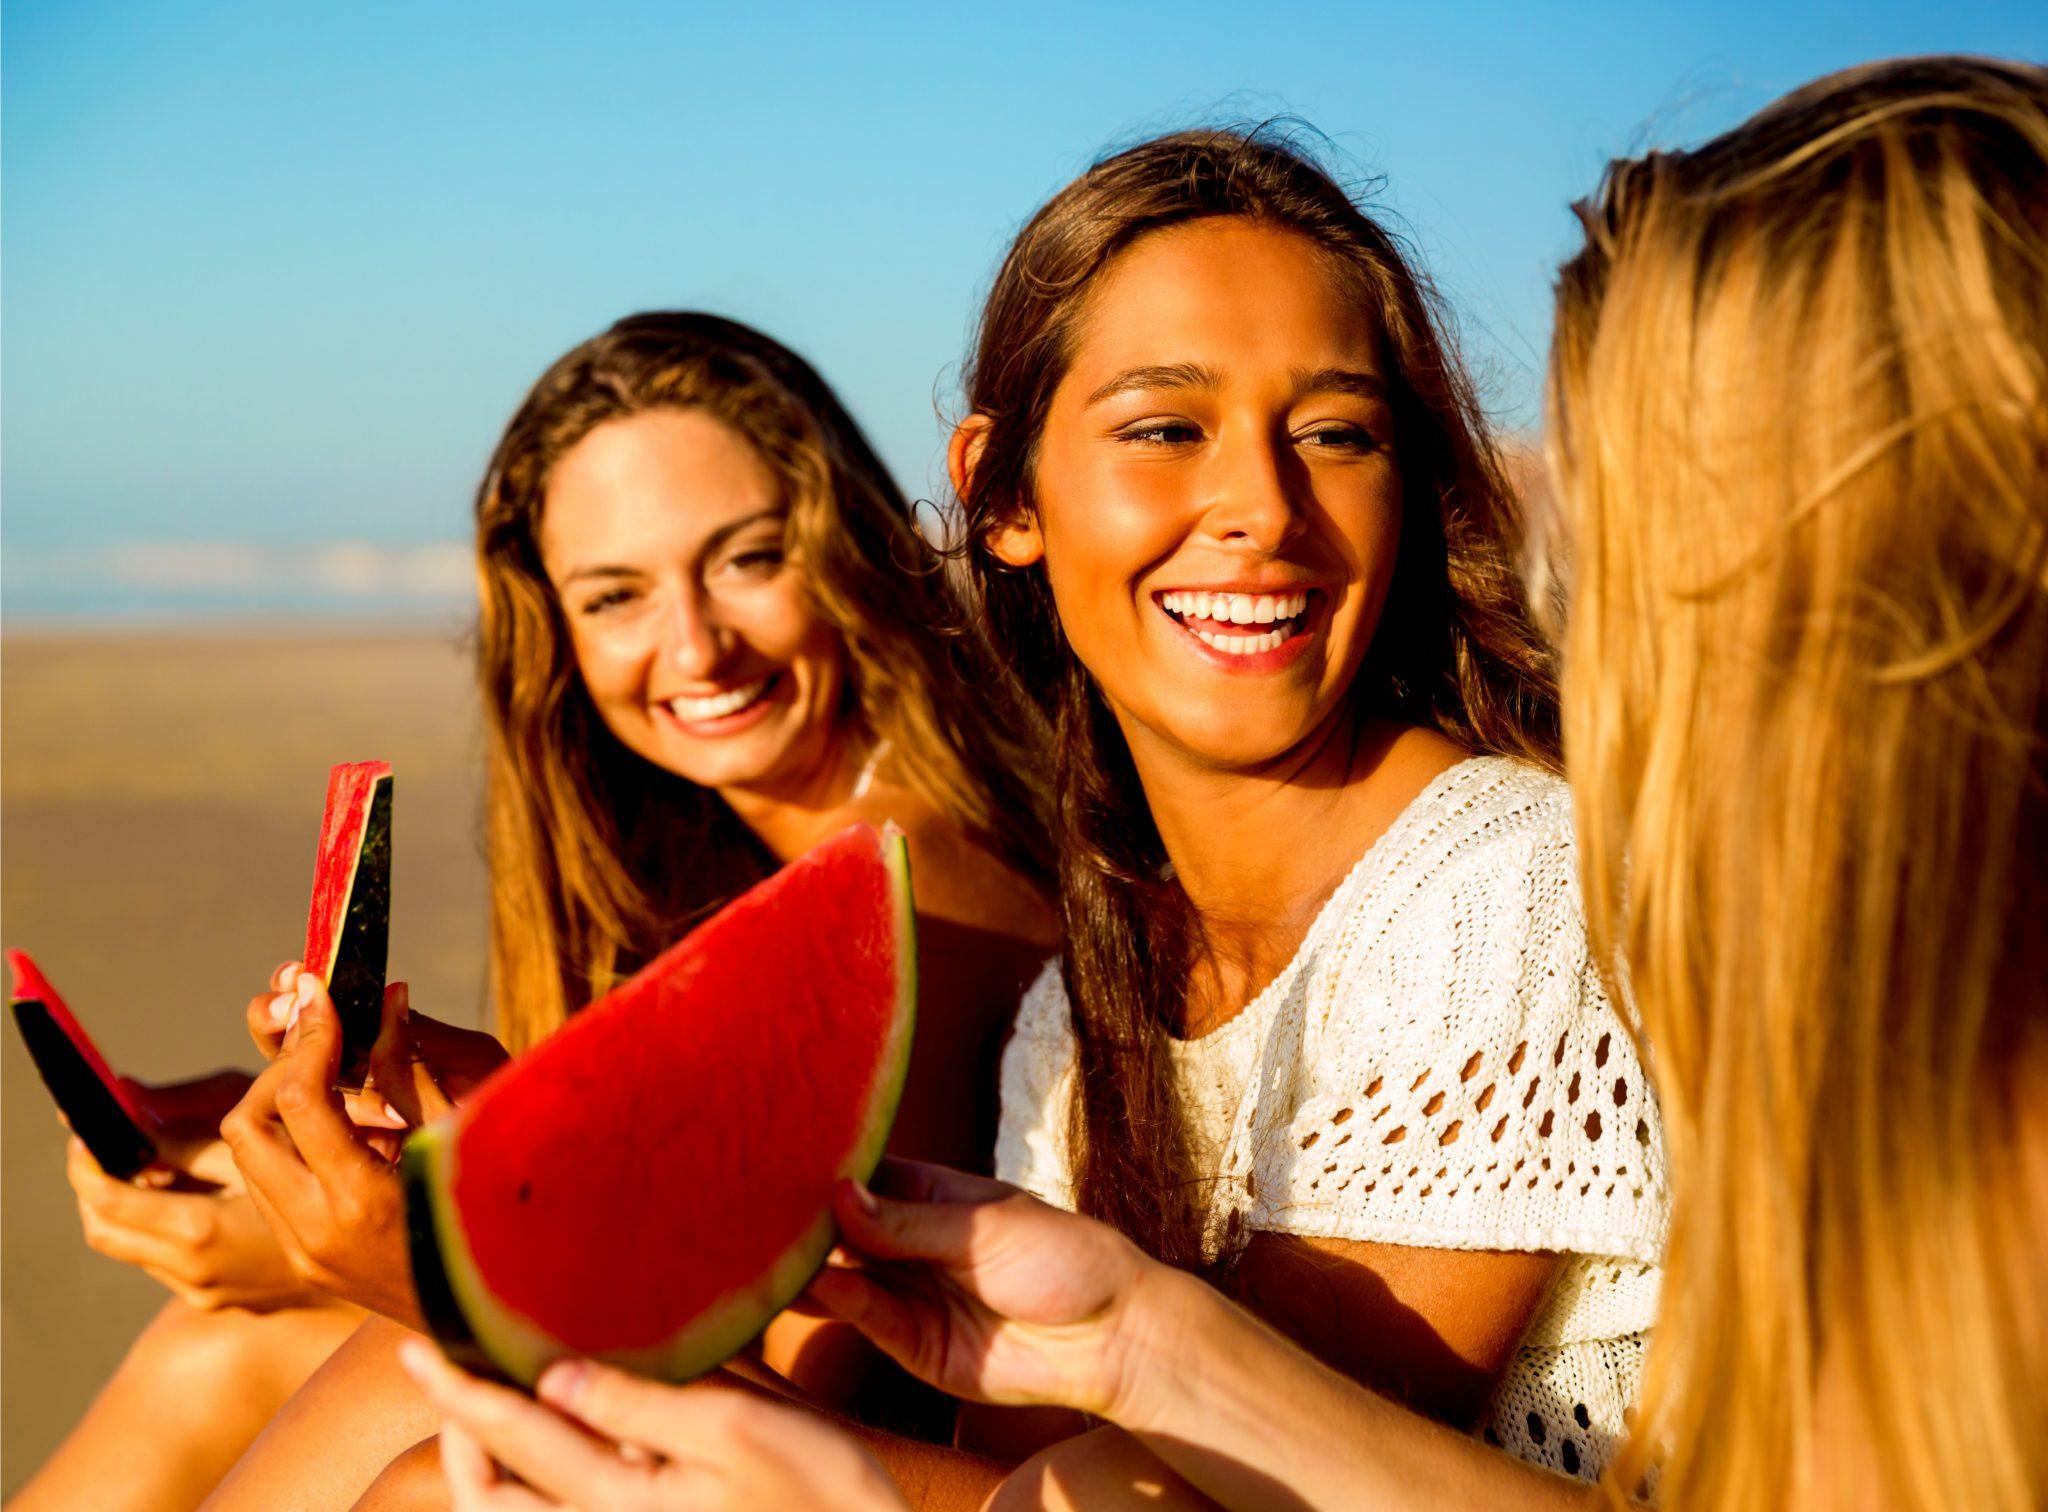 スイカをビーチで食べている美女3人組